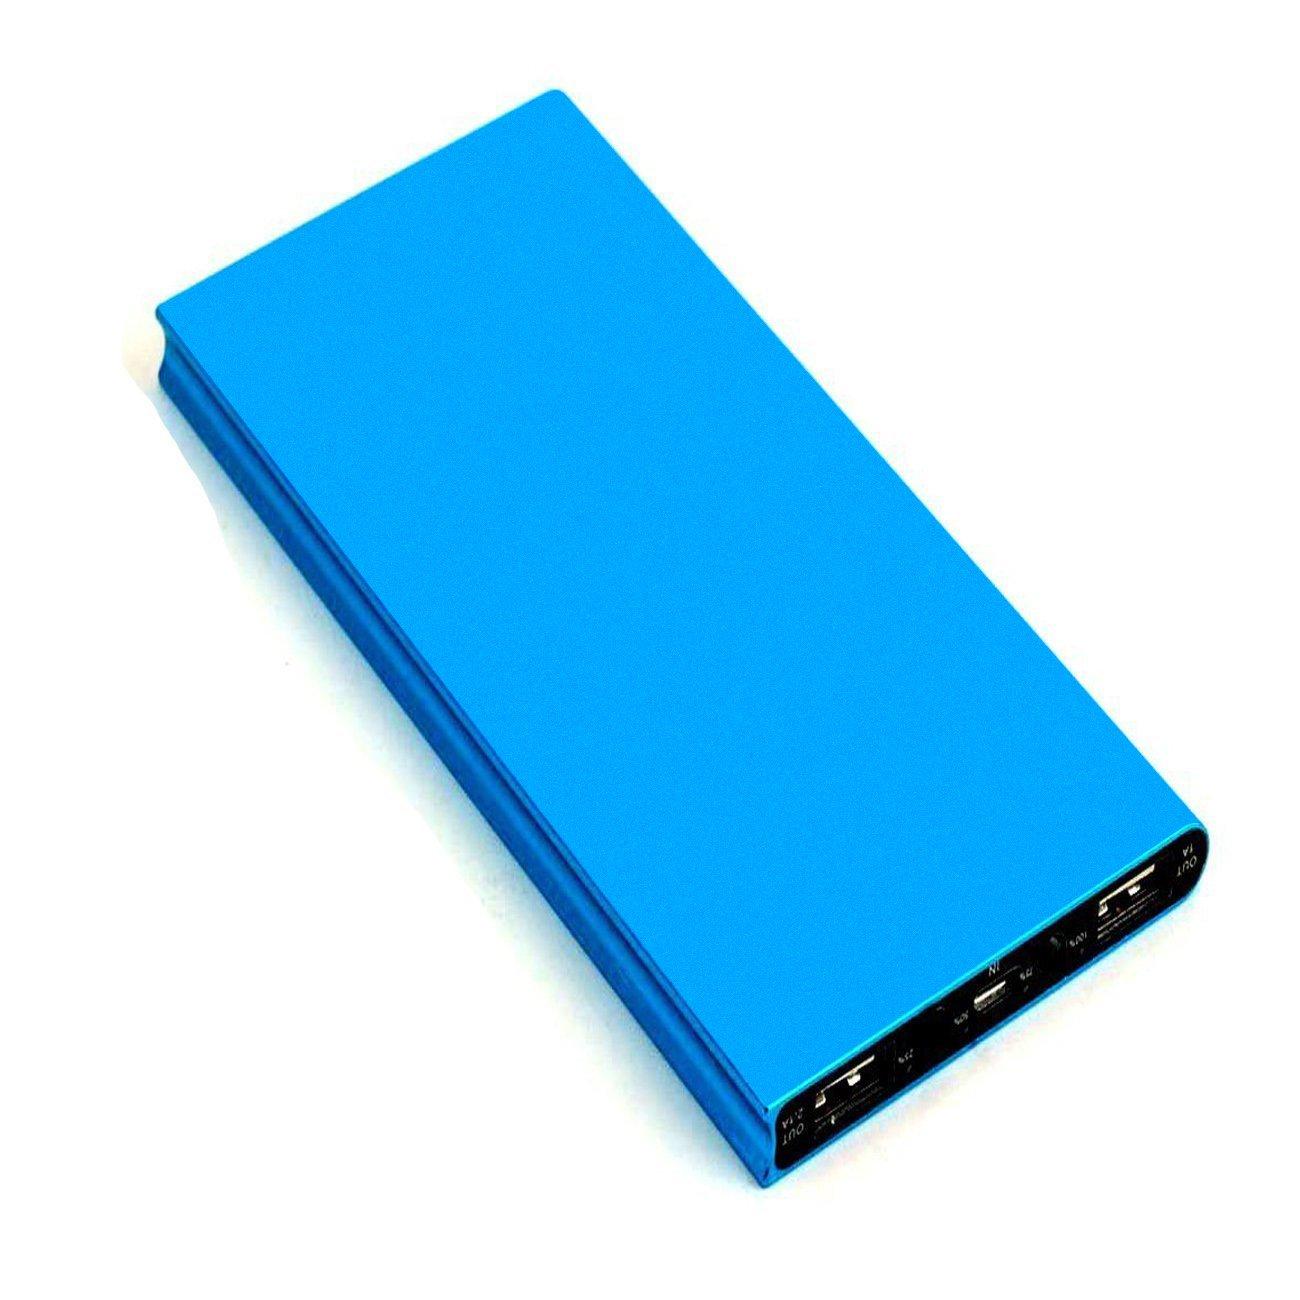 Cargador portátil 20000 mAh Portable Power Bank Batería Externa Banco Universal Ultra delgada doble salida USB Batería, Portátil Recargable Externo ...